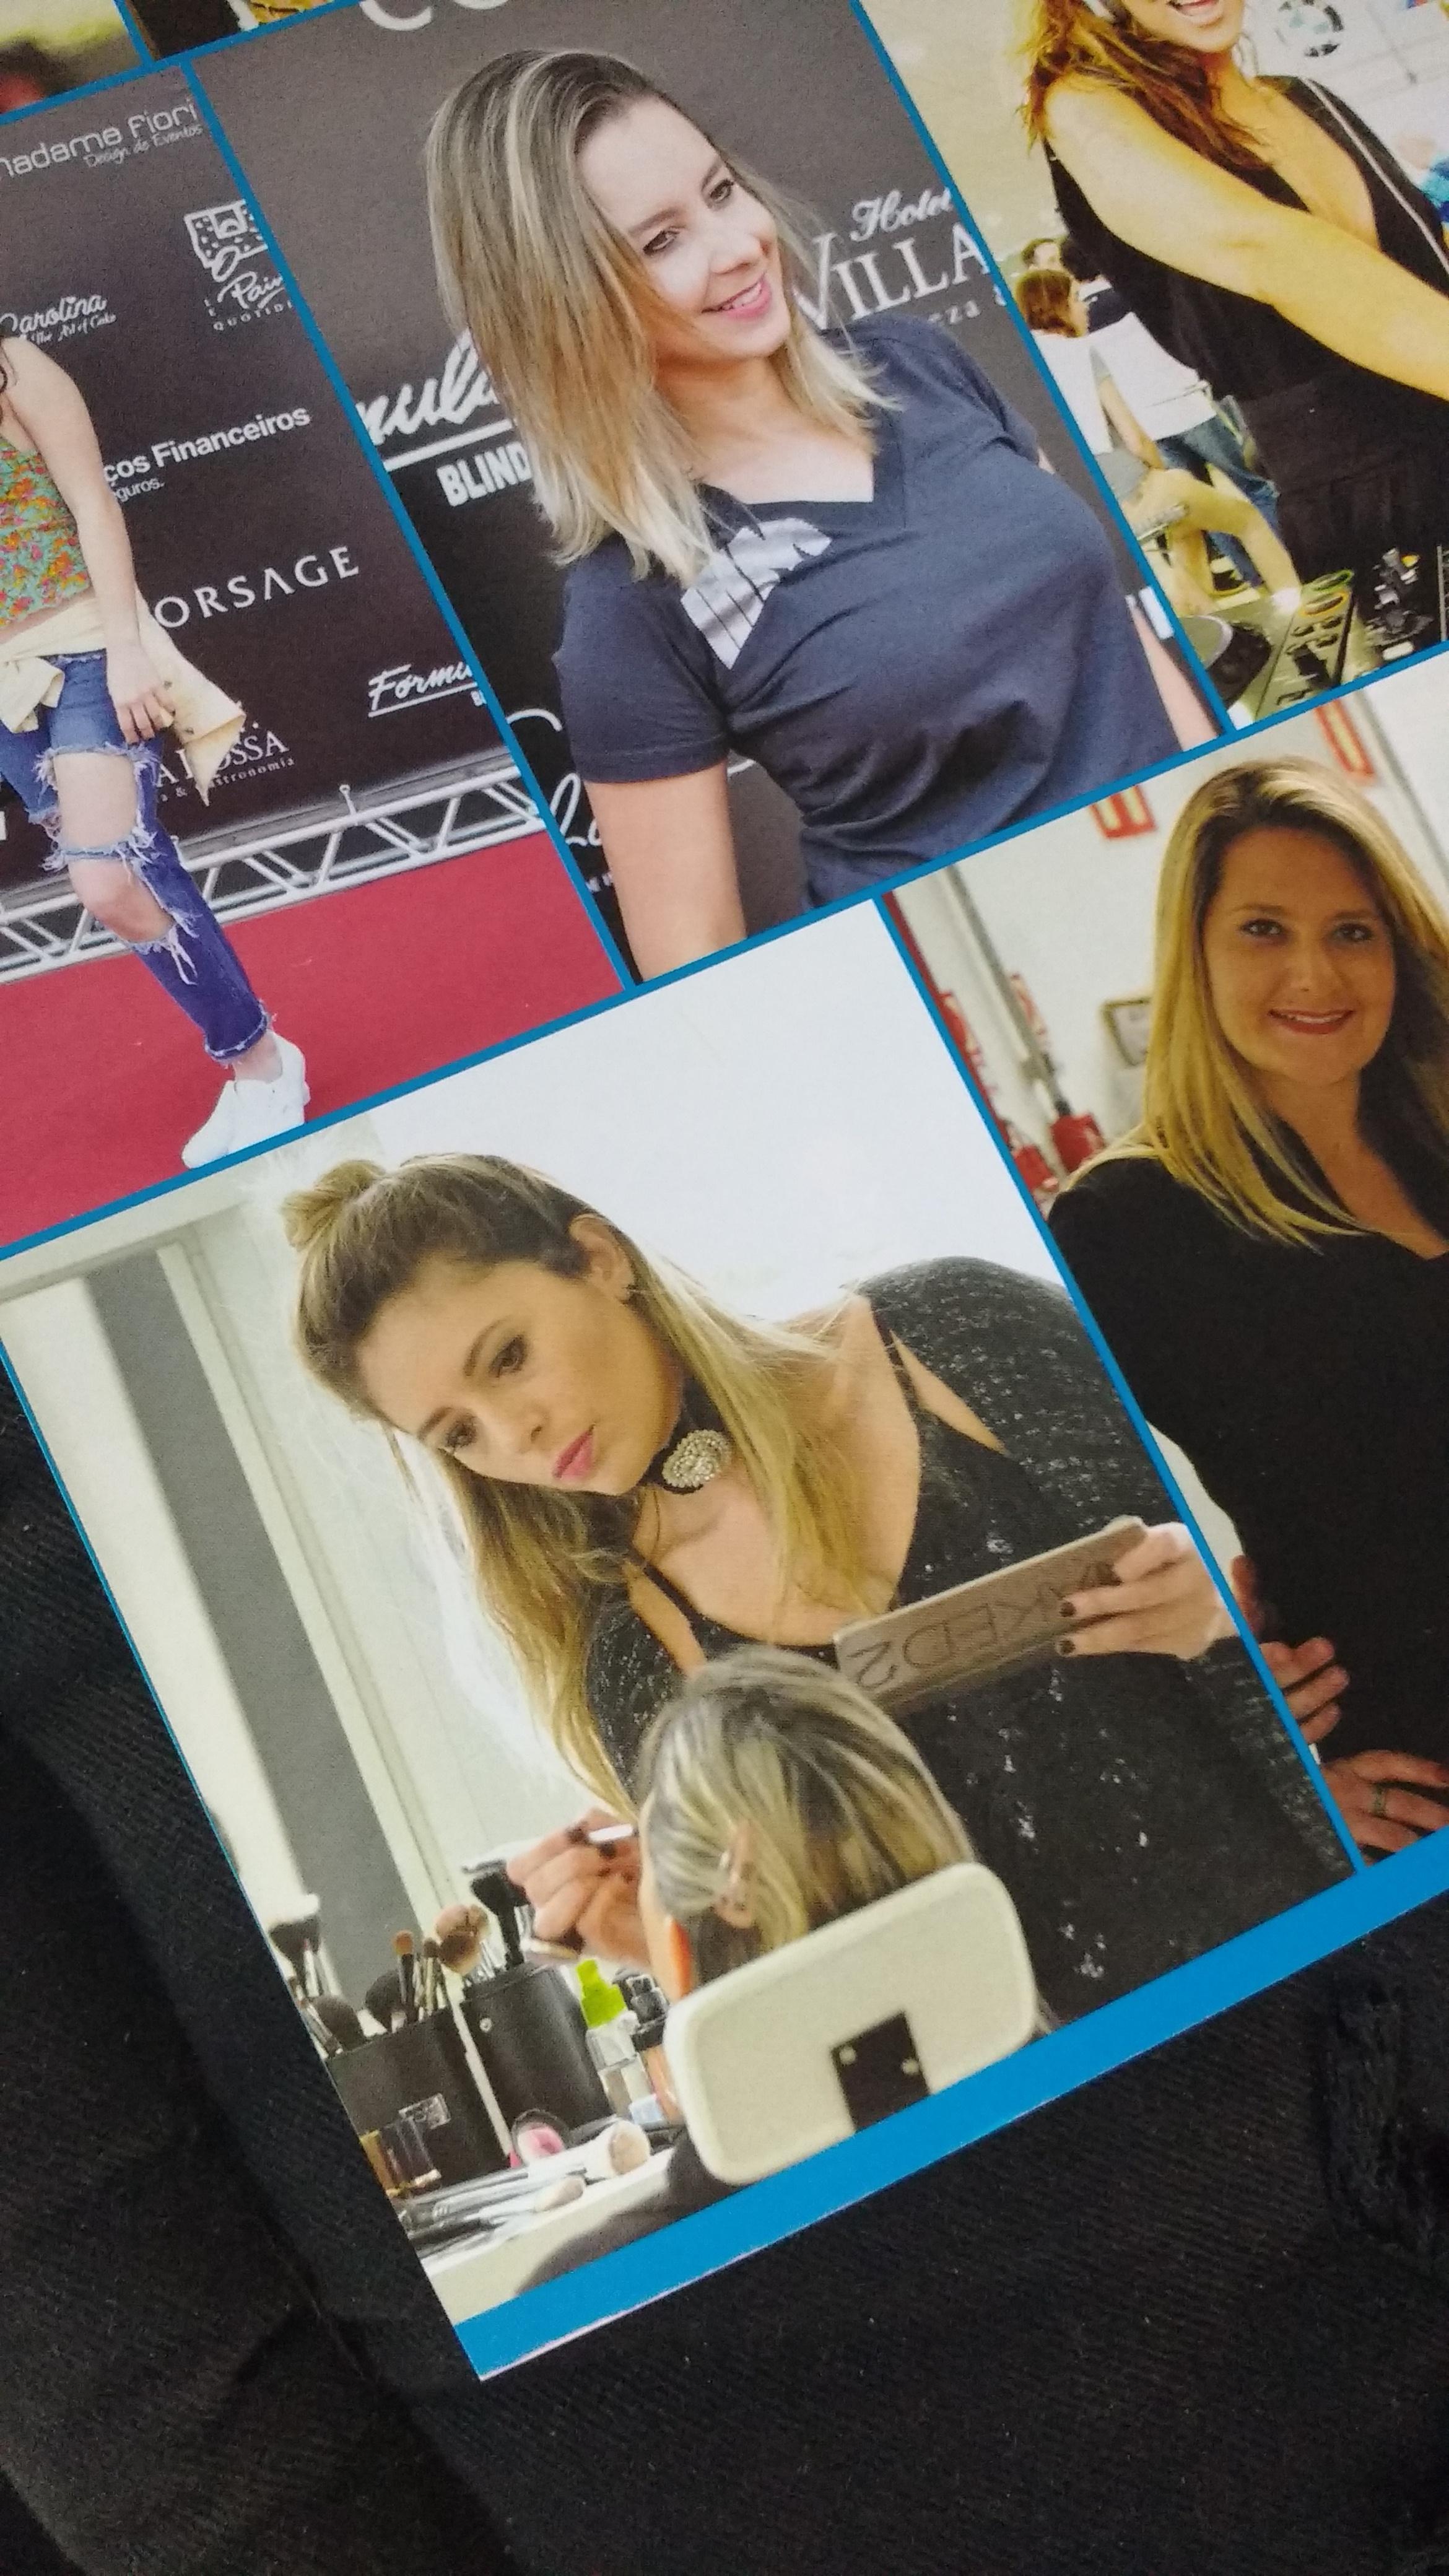 Meu trabalho mais recente publicado na revista Lounge, sobre o evento que foi realizado na BMW de Alphaville.  #maquiagem #makeup #ellylira #bmw #evento #revistalouge maquiagem maquiador(a) cabeleireiro(a)